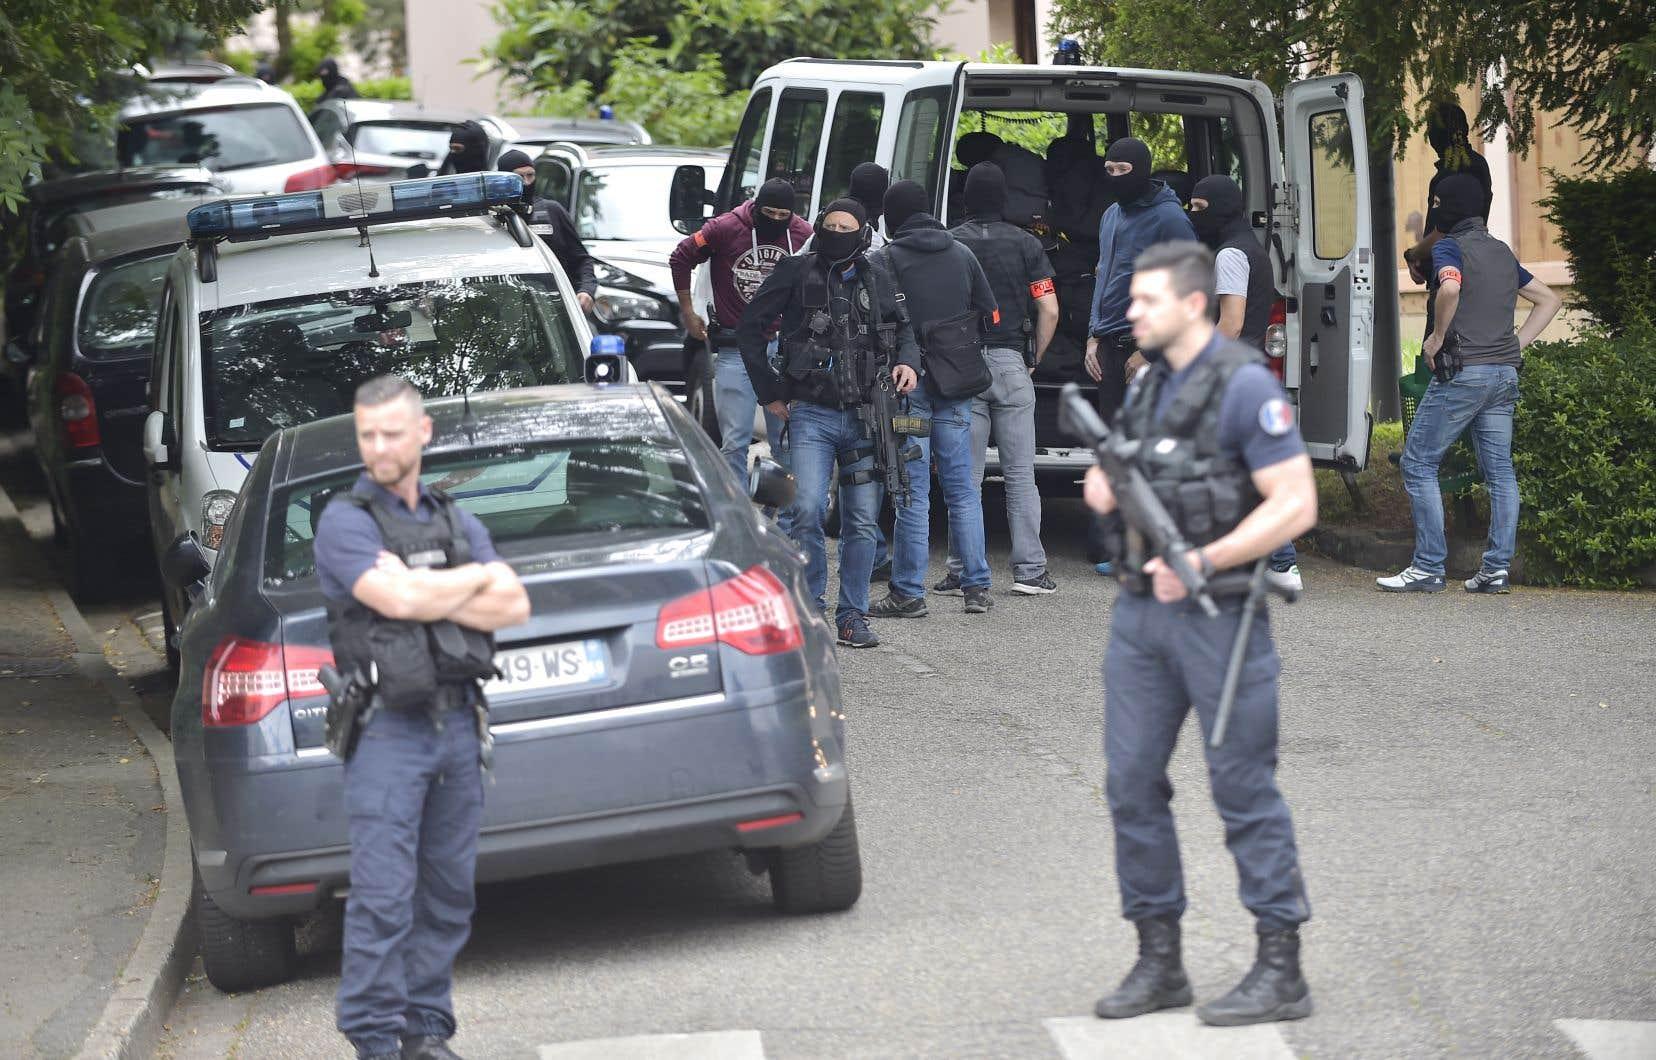 Un groupe d'intervention s'affaire dans le secteur où réside le suspect après son arrestation.